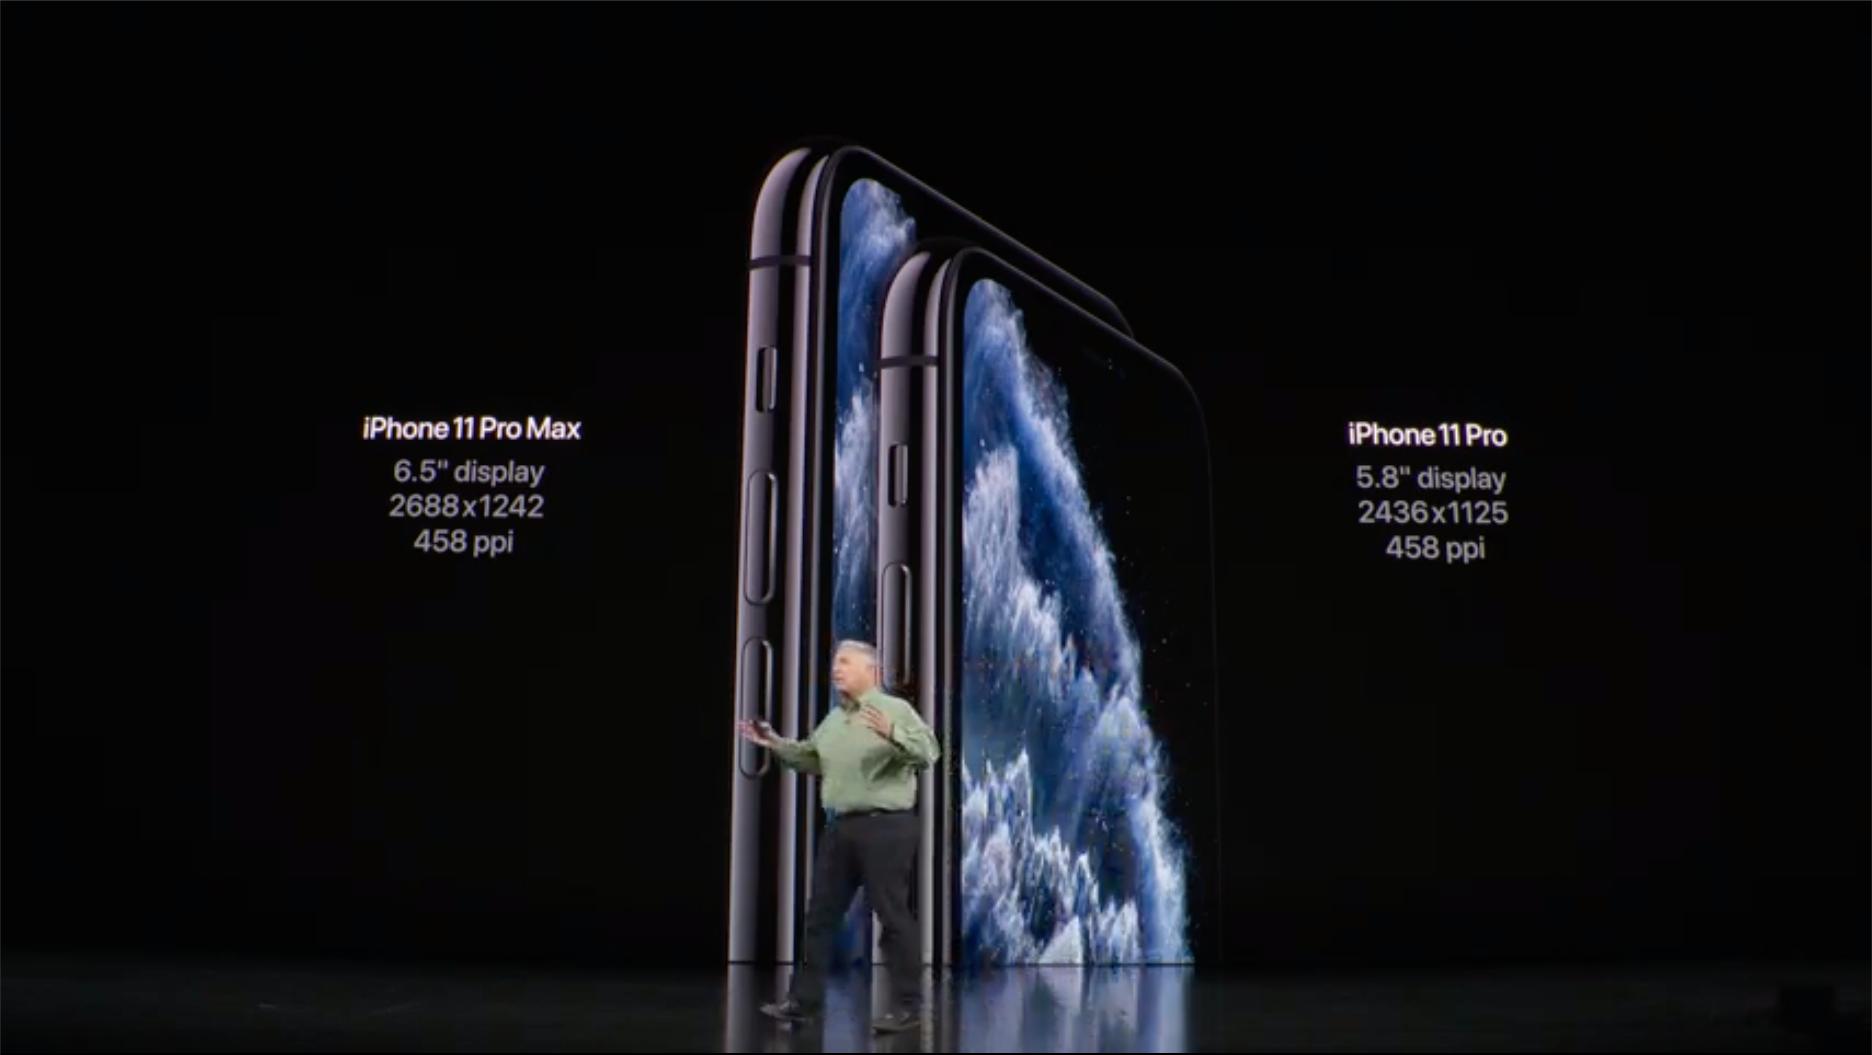 iPhone 11 Pro/Max